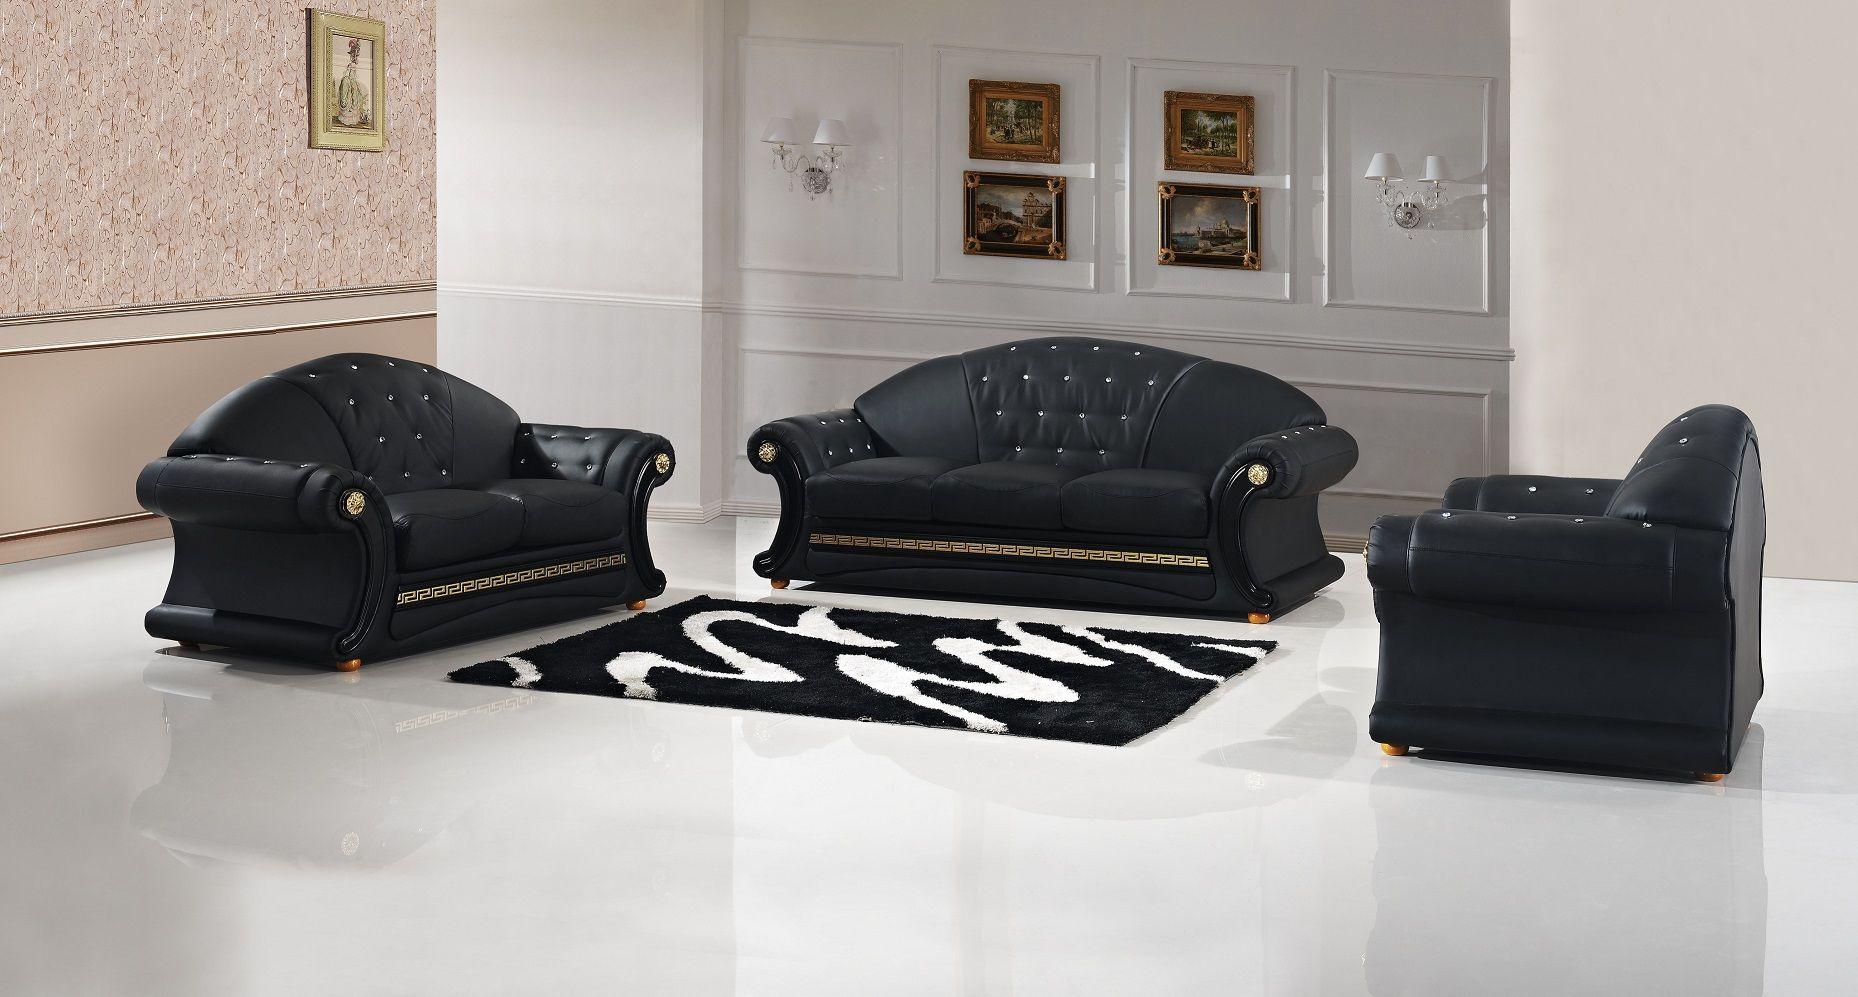 polsterm bel polsterm bel modell 6021die m bel aus italien. Black Bedroom Furniture Sets. Home Design Ideas